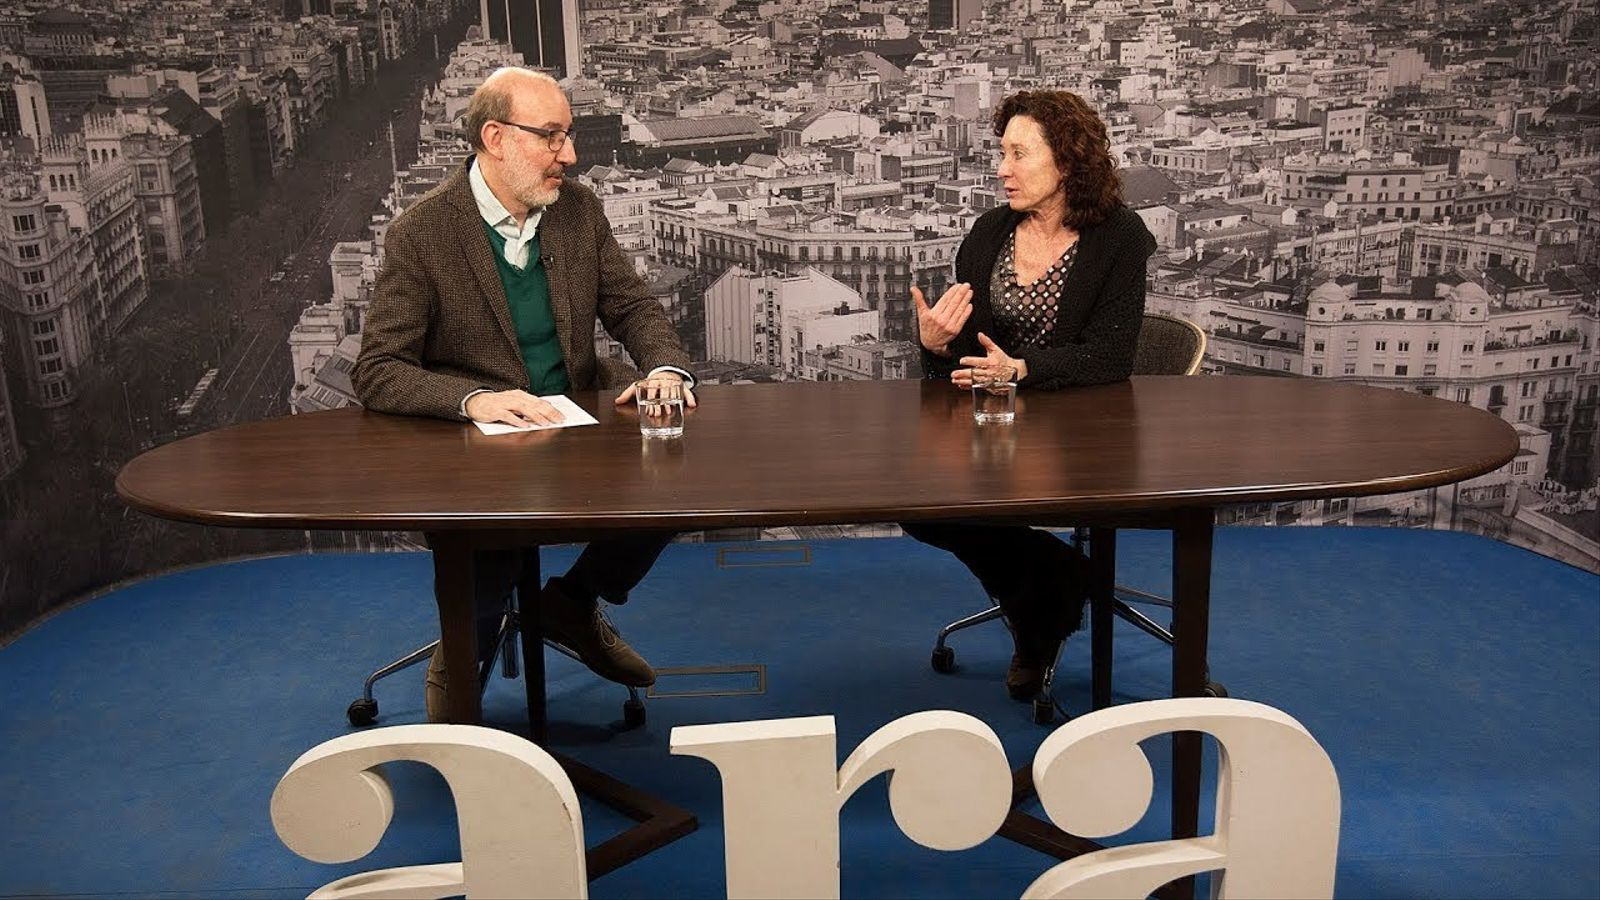 Entrevista d'Antoni Bassas a Maite Carranza